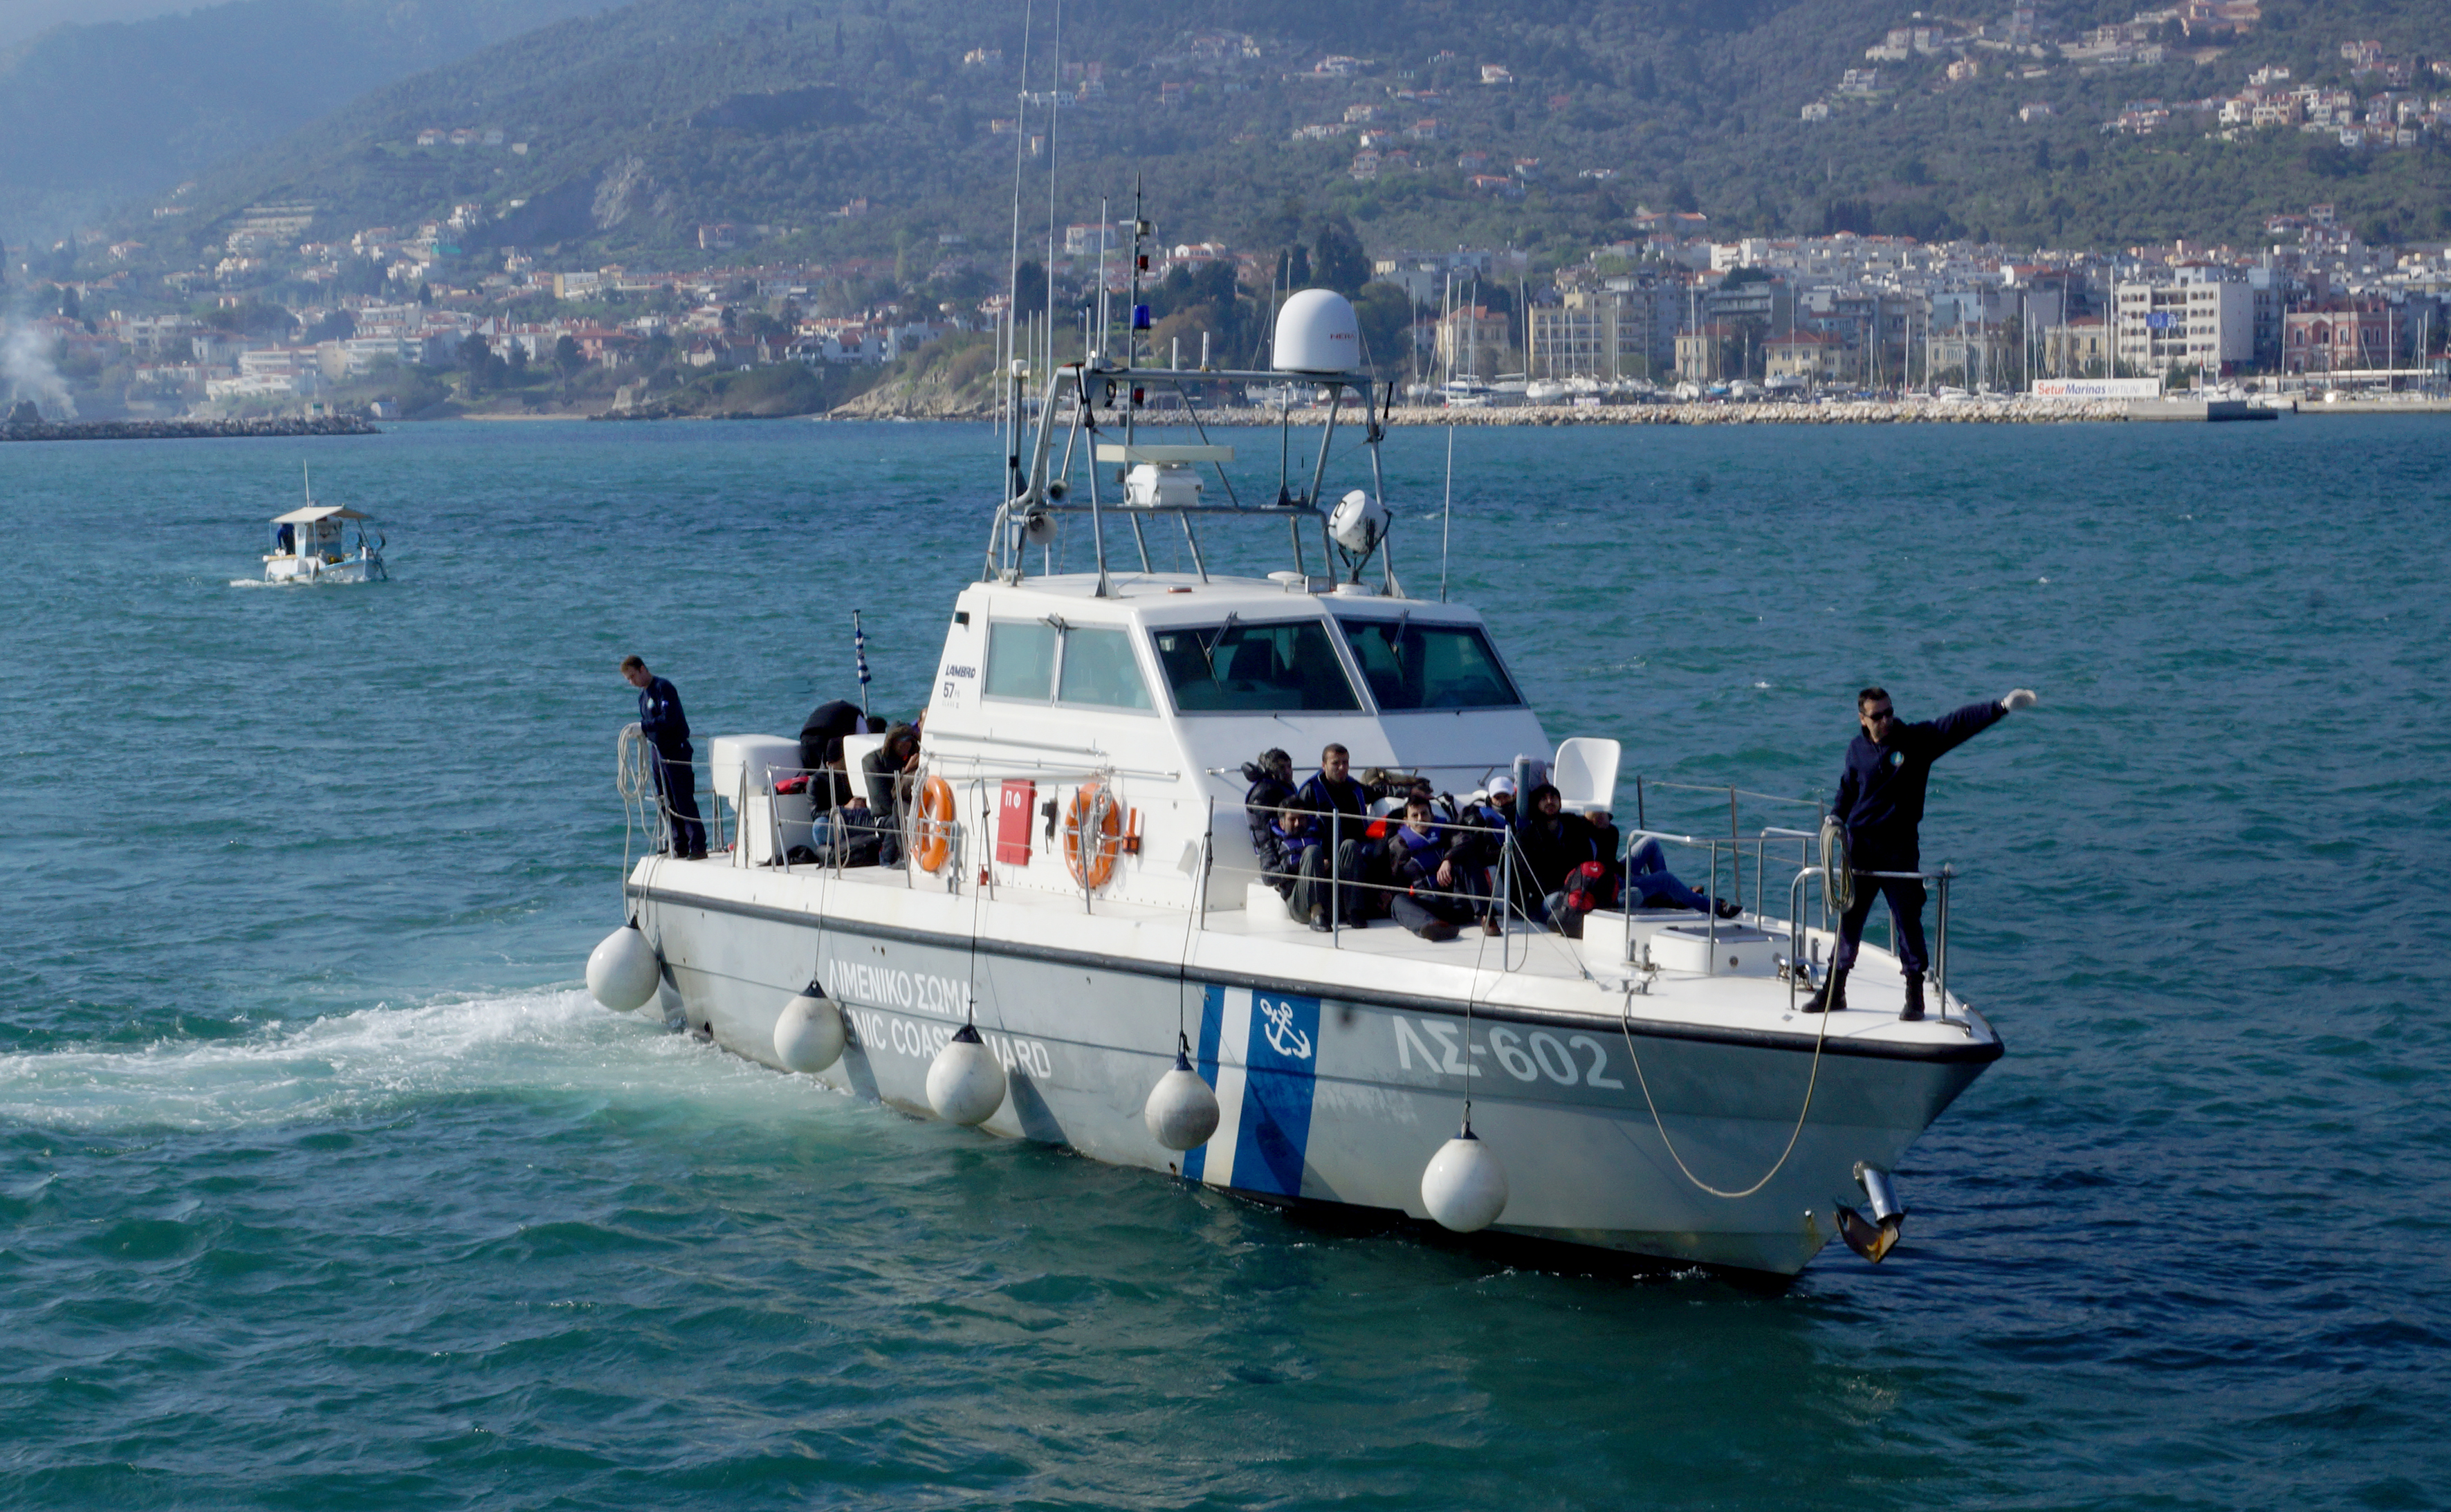 Αίσιο τέλος για το ναυάγιο ανοικτά της Λέσβου   tovima.gr